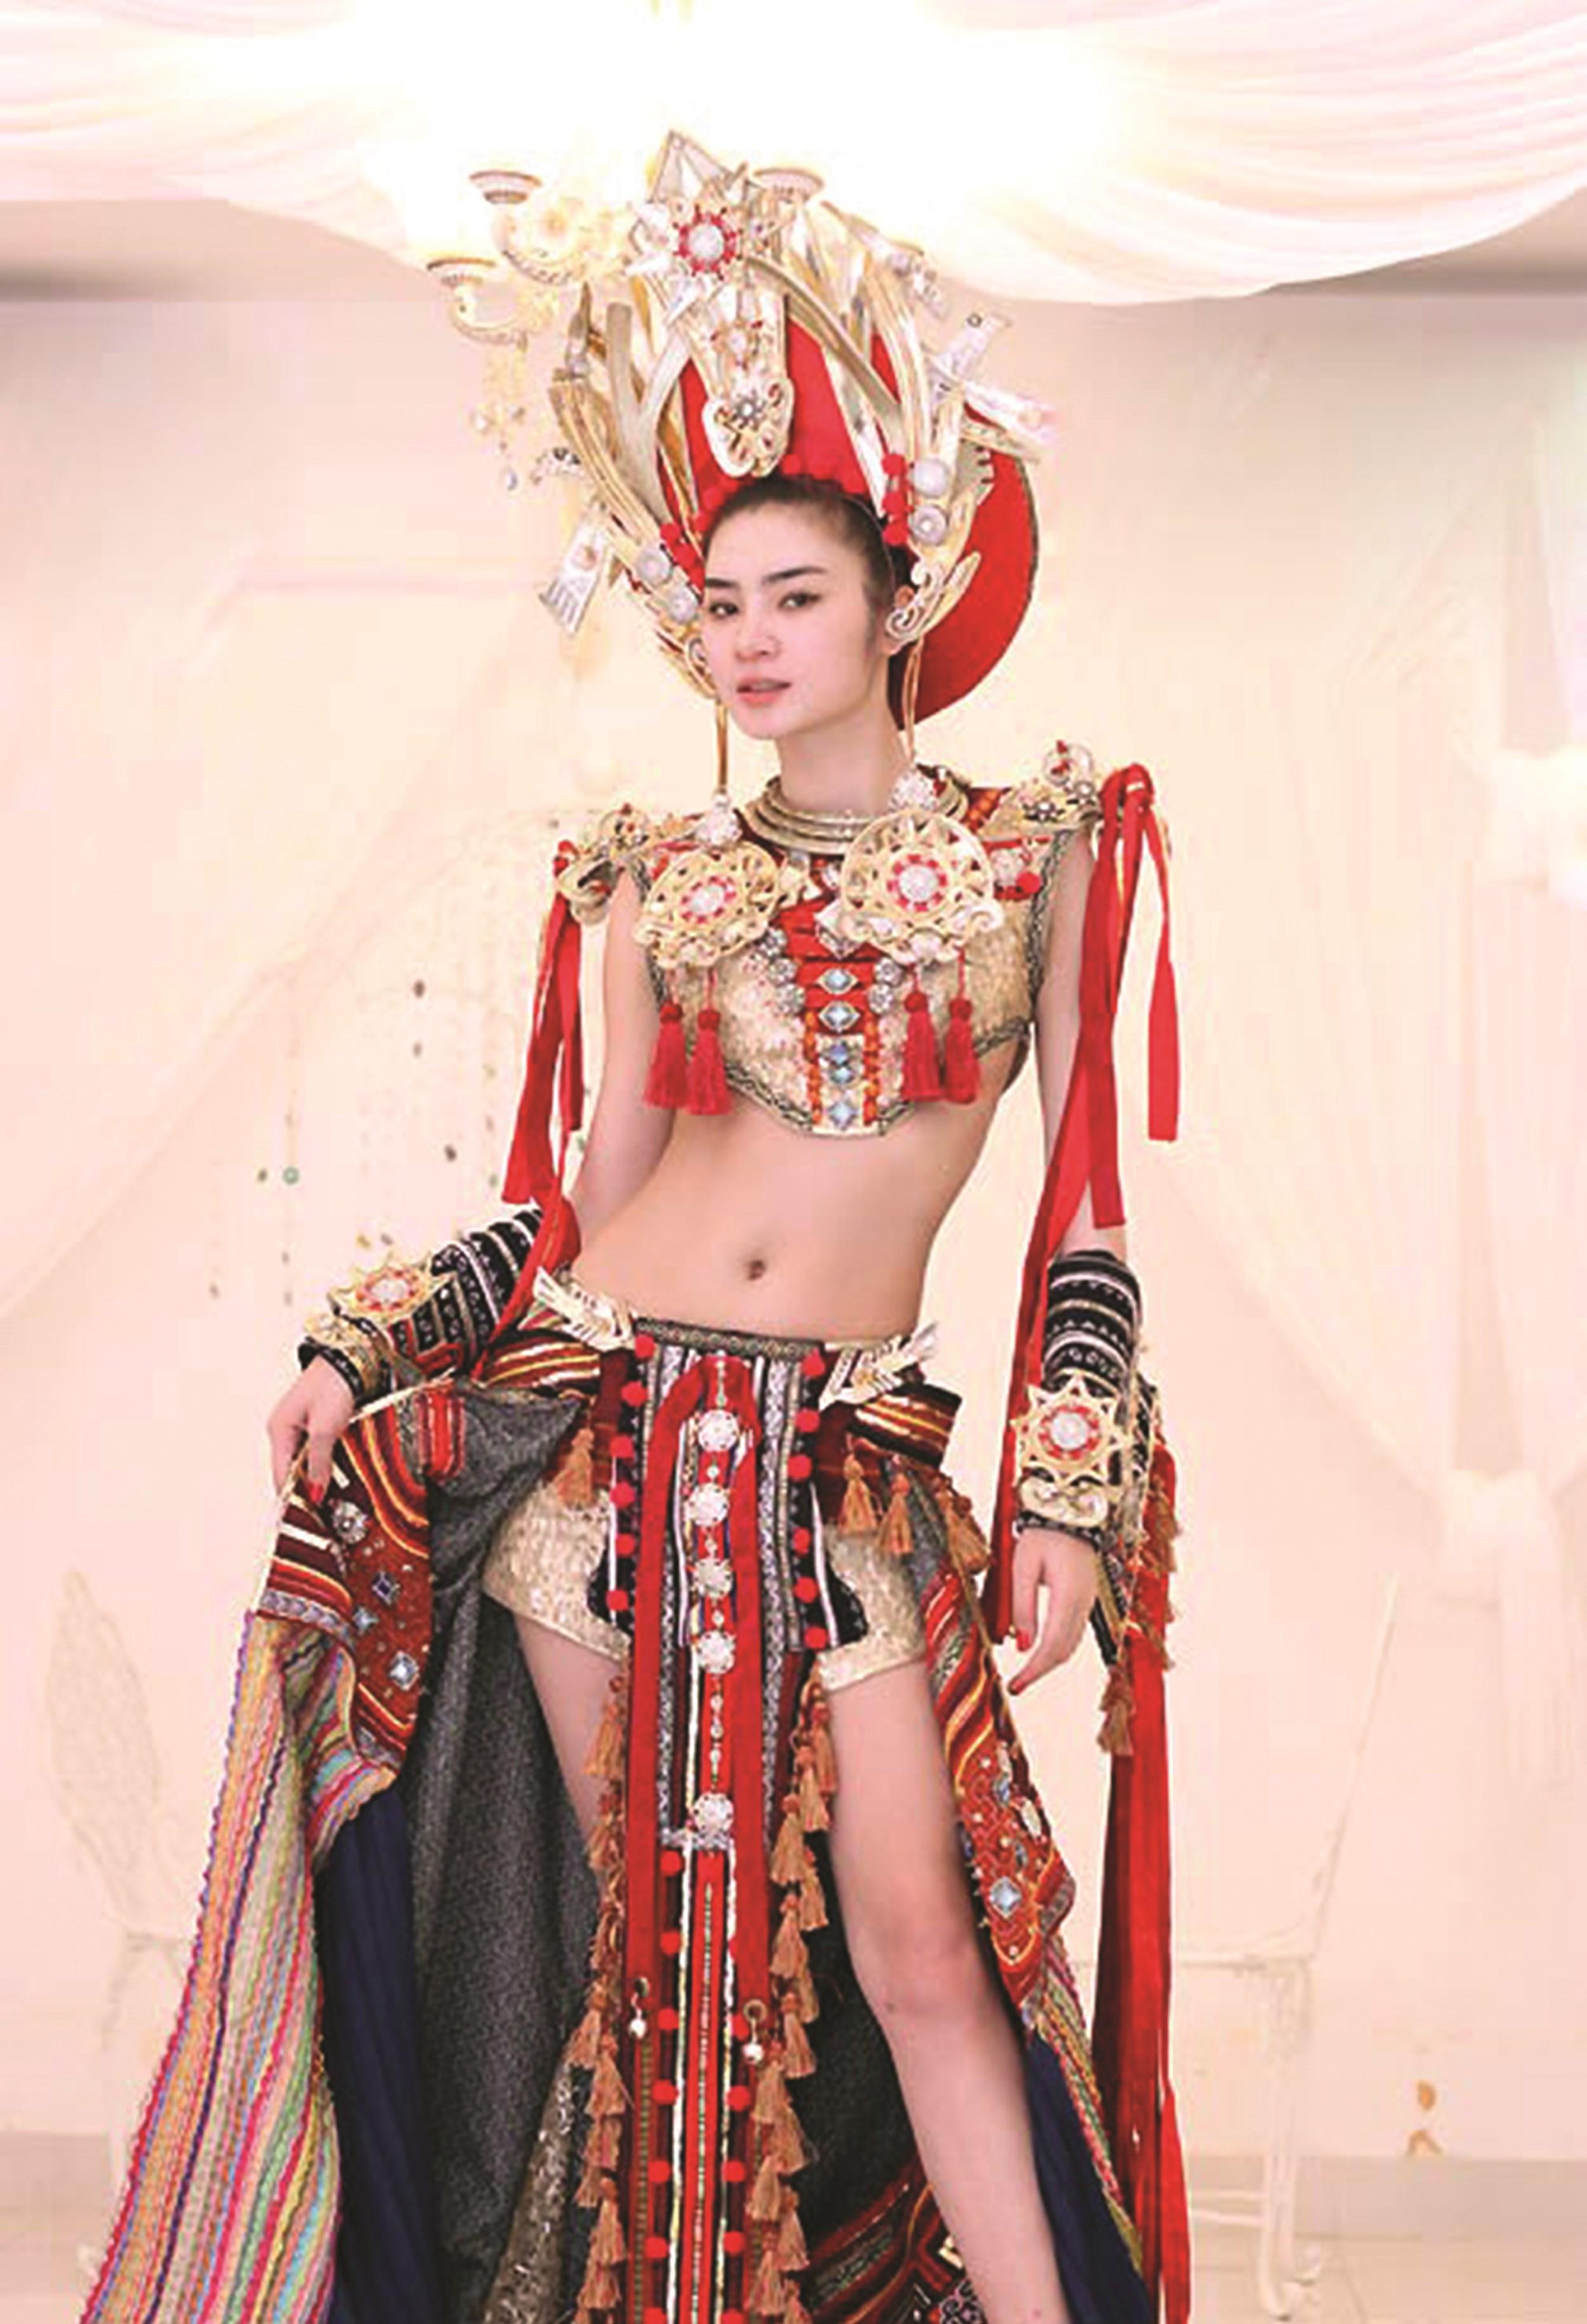 Ở bộ trang phục này, chân váy được may bằng chất liệu vải thổ cẩm của người Mông, có thể gây hiểu sai về văn hoá dân tộc này